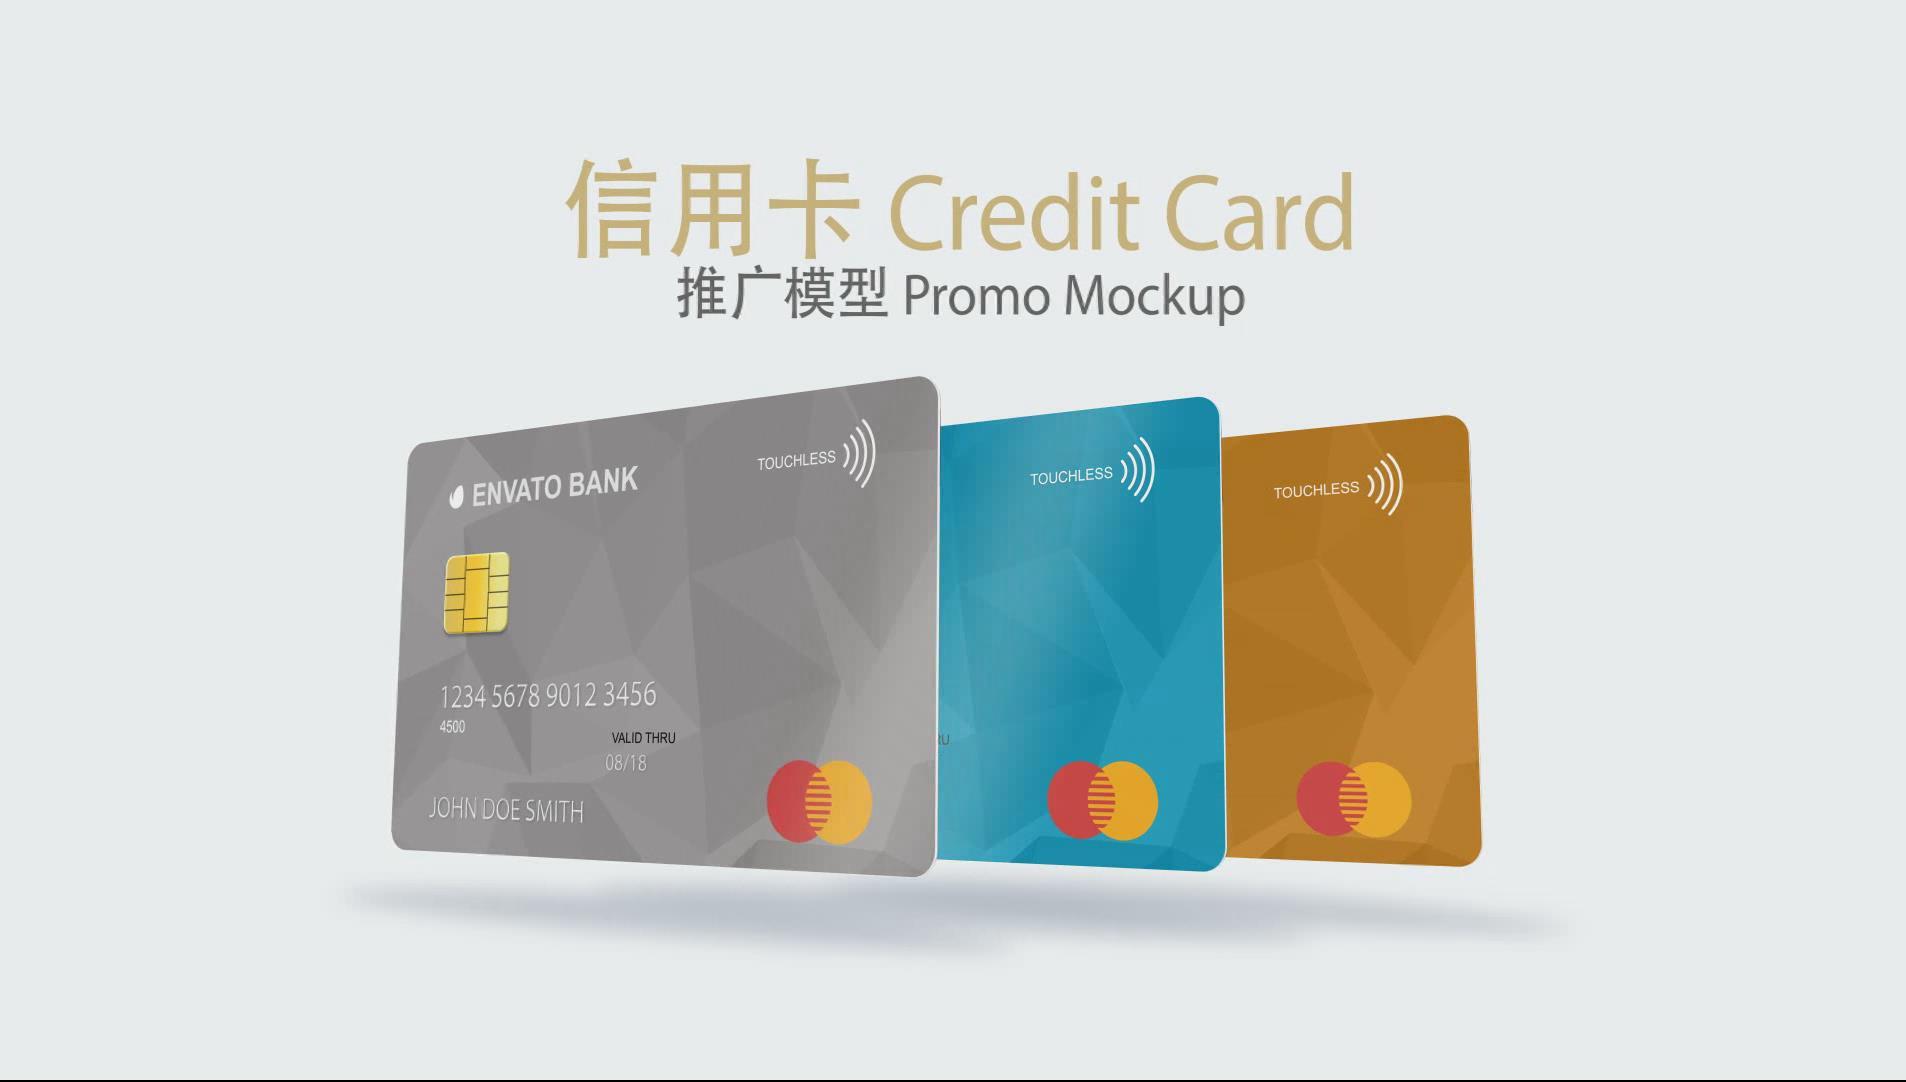 002\-银行信用卡万事达卡POS机交易宣传介绍动画视频AE模板